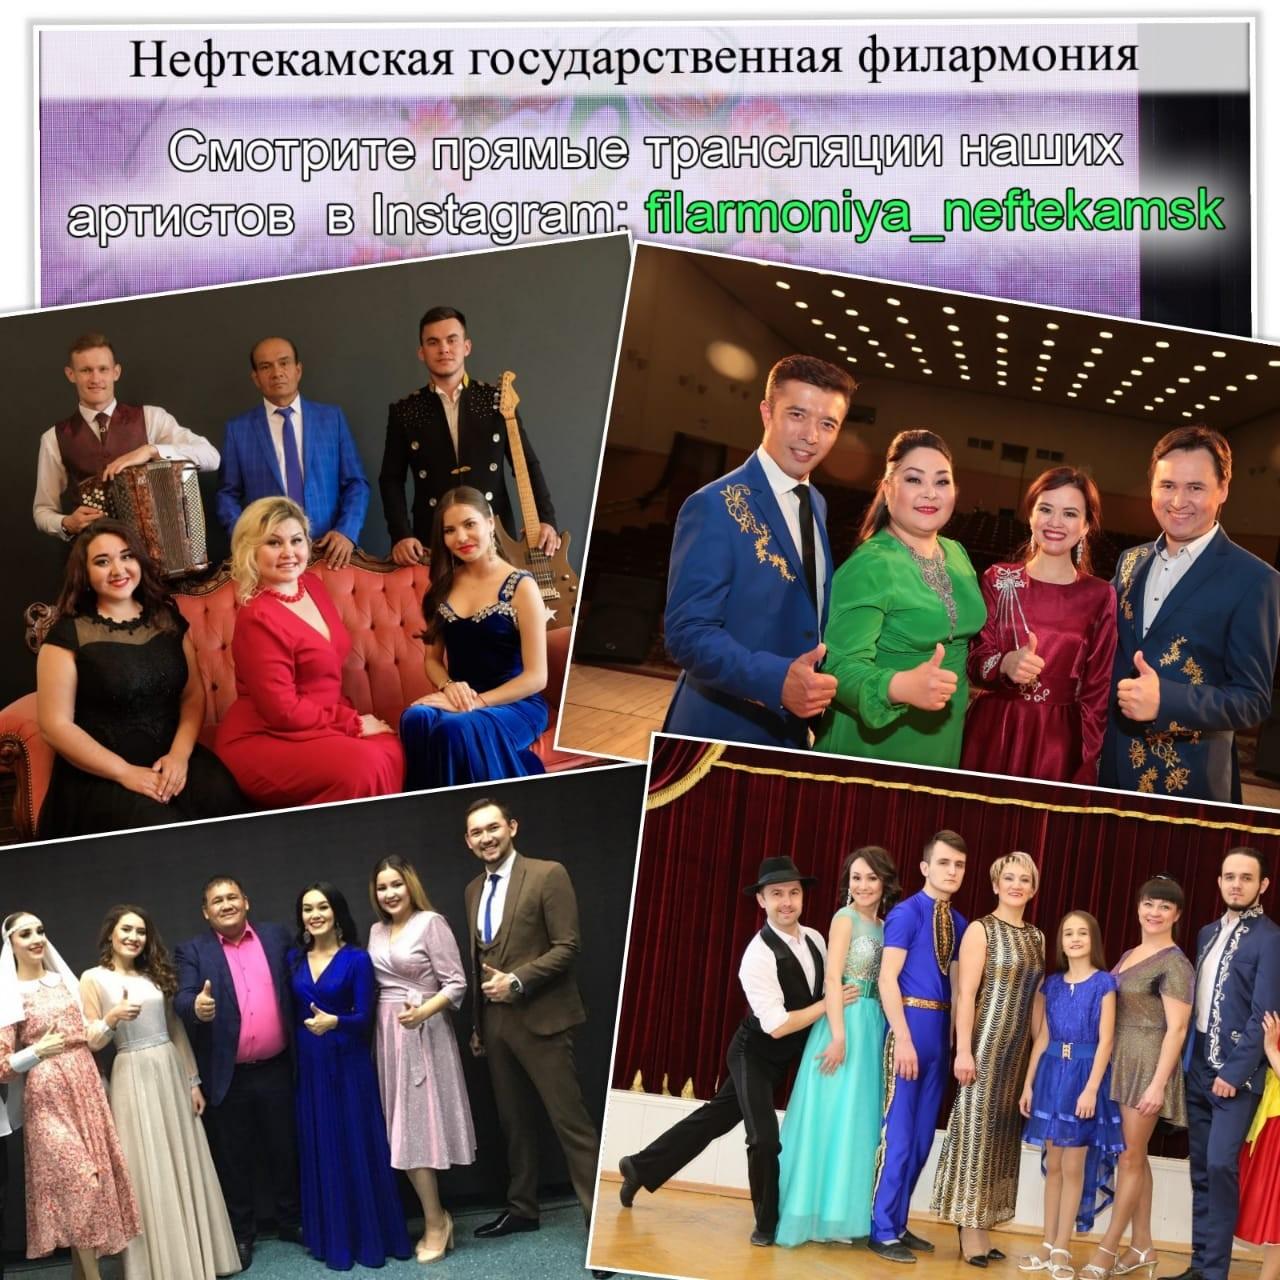 Прямой эфир от артистов Нефтекамской государственной филармонии!